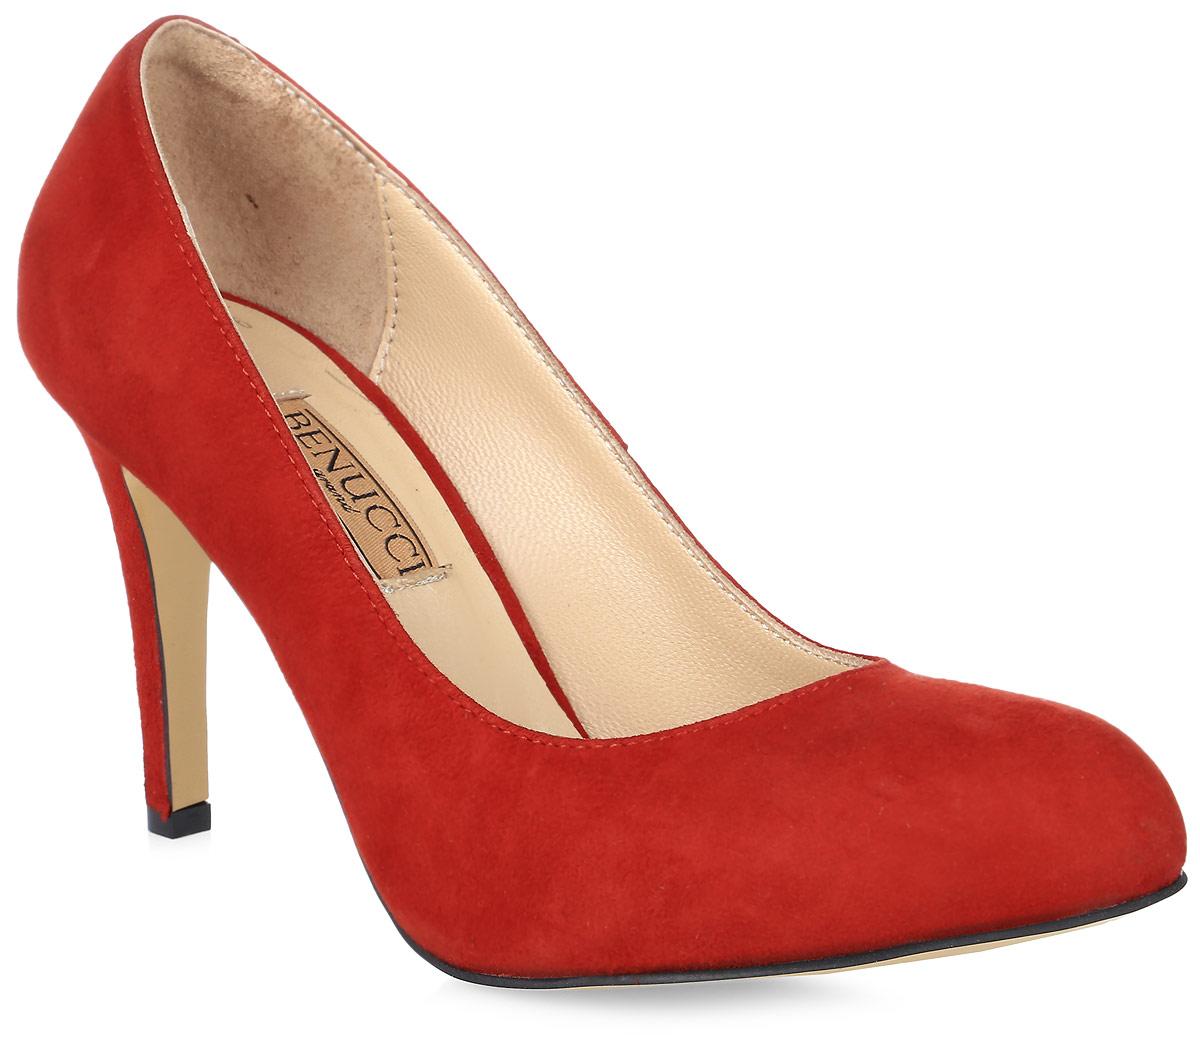 Туфли женские Benucci, цвет: красный. 8070_замша. Размер 368070_замшаЭлегантные женские туфли от Benucci займут достойное место в коллекции вашей обуви. Модель изготовлена из высококачественной натуральной замши. Невероятно мягкая стелька из натуральной кожи, дополненная логотипом бренда, обеспечивает максимальный комфорт при движении. Высокий каблук устойчив. Подошва с рифлением не скользит. Изысканные туфли добавят шика в модный образ и подчеркнут ваш безупречный вкус.